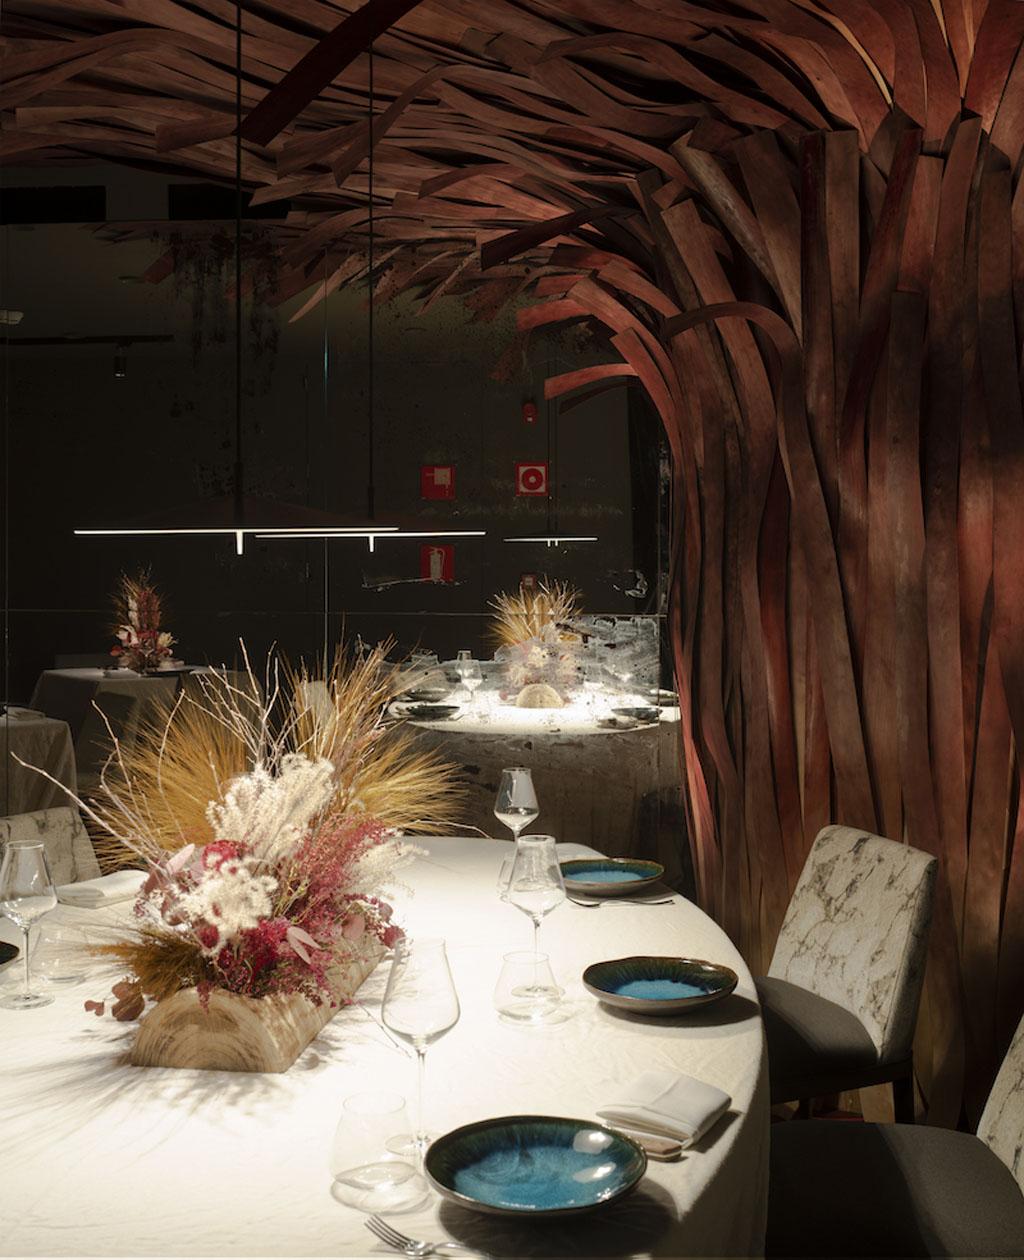 In Residence es un evento anual de la agencia y consultora gastronómica Mateo&co que trae a reconocidos chefs internacionales y nacionales a Madrid